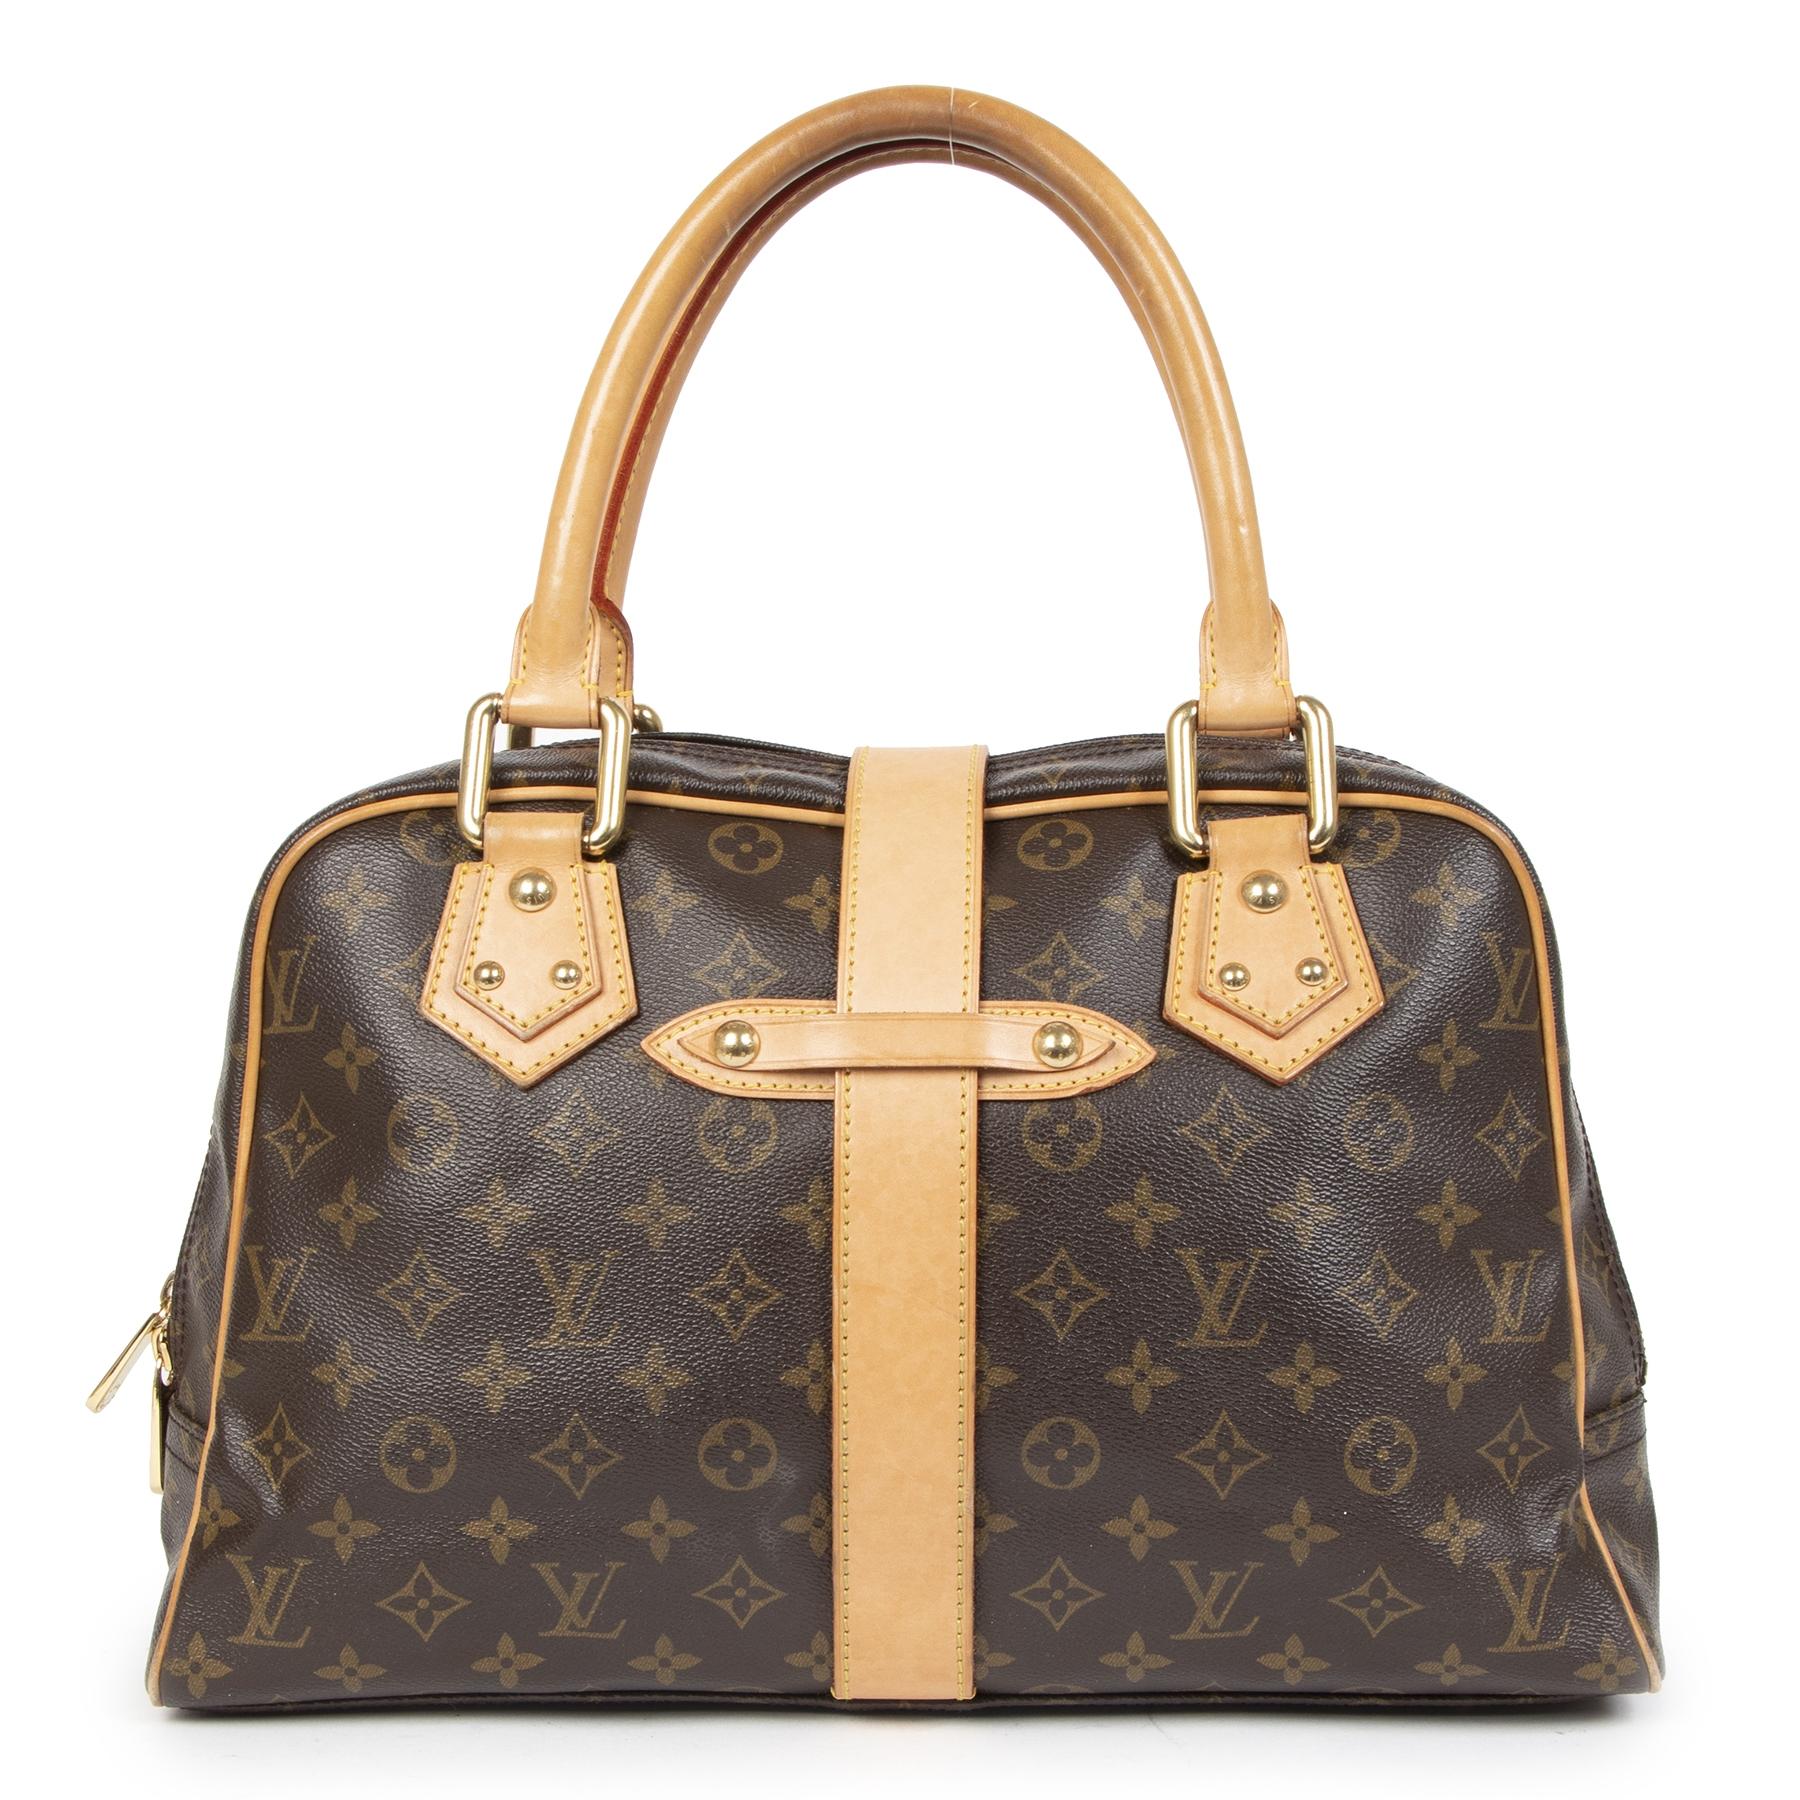 Authentieke Tweedehands Louis Vuitton Monogram Manhattan Shoulder Bag  juiste prijs veilig online shoppen luxe merken webshop winkelen Antwerpen België mode fashion